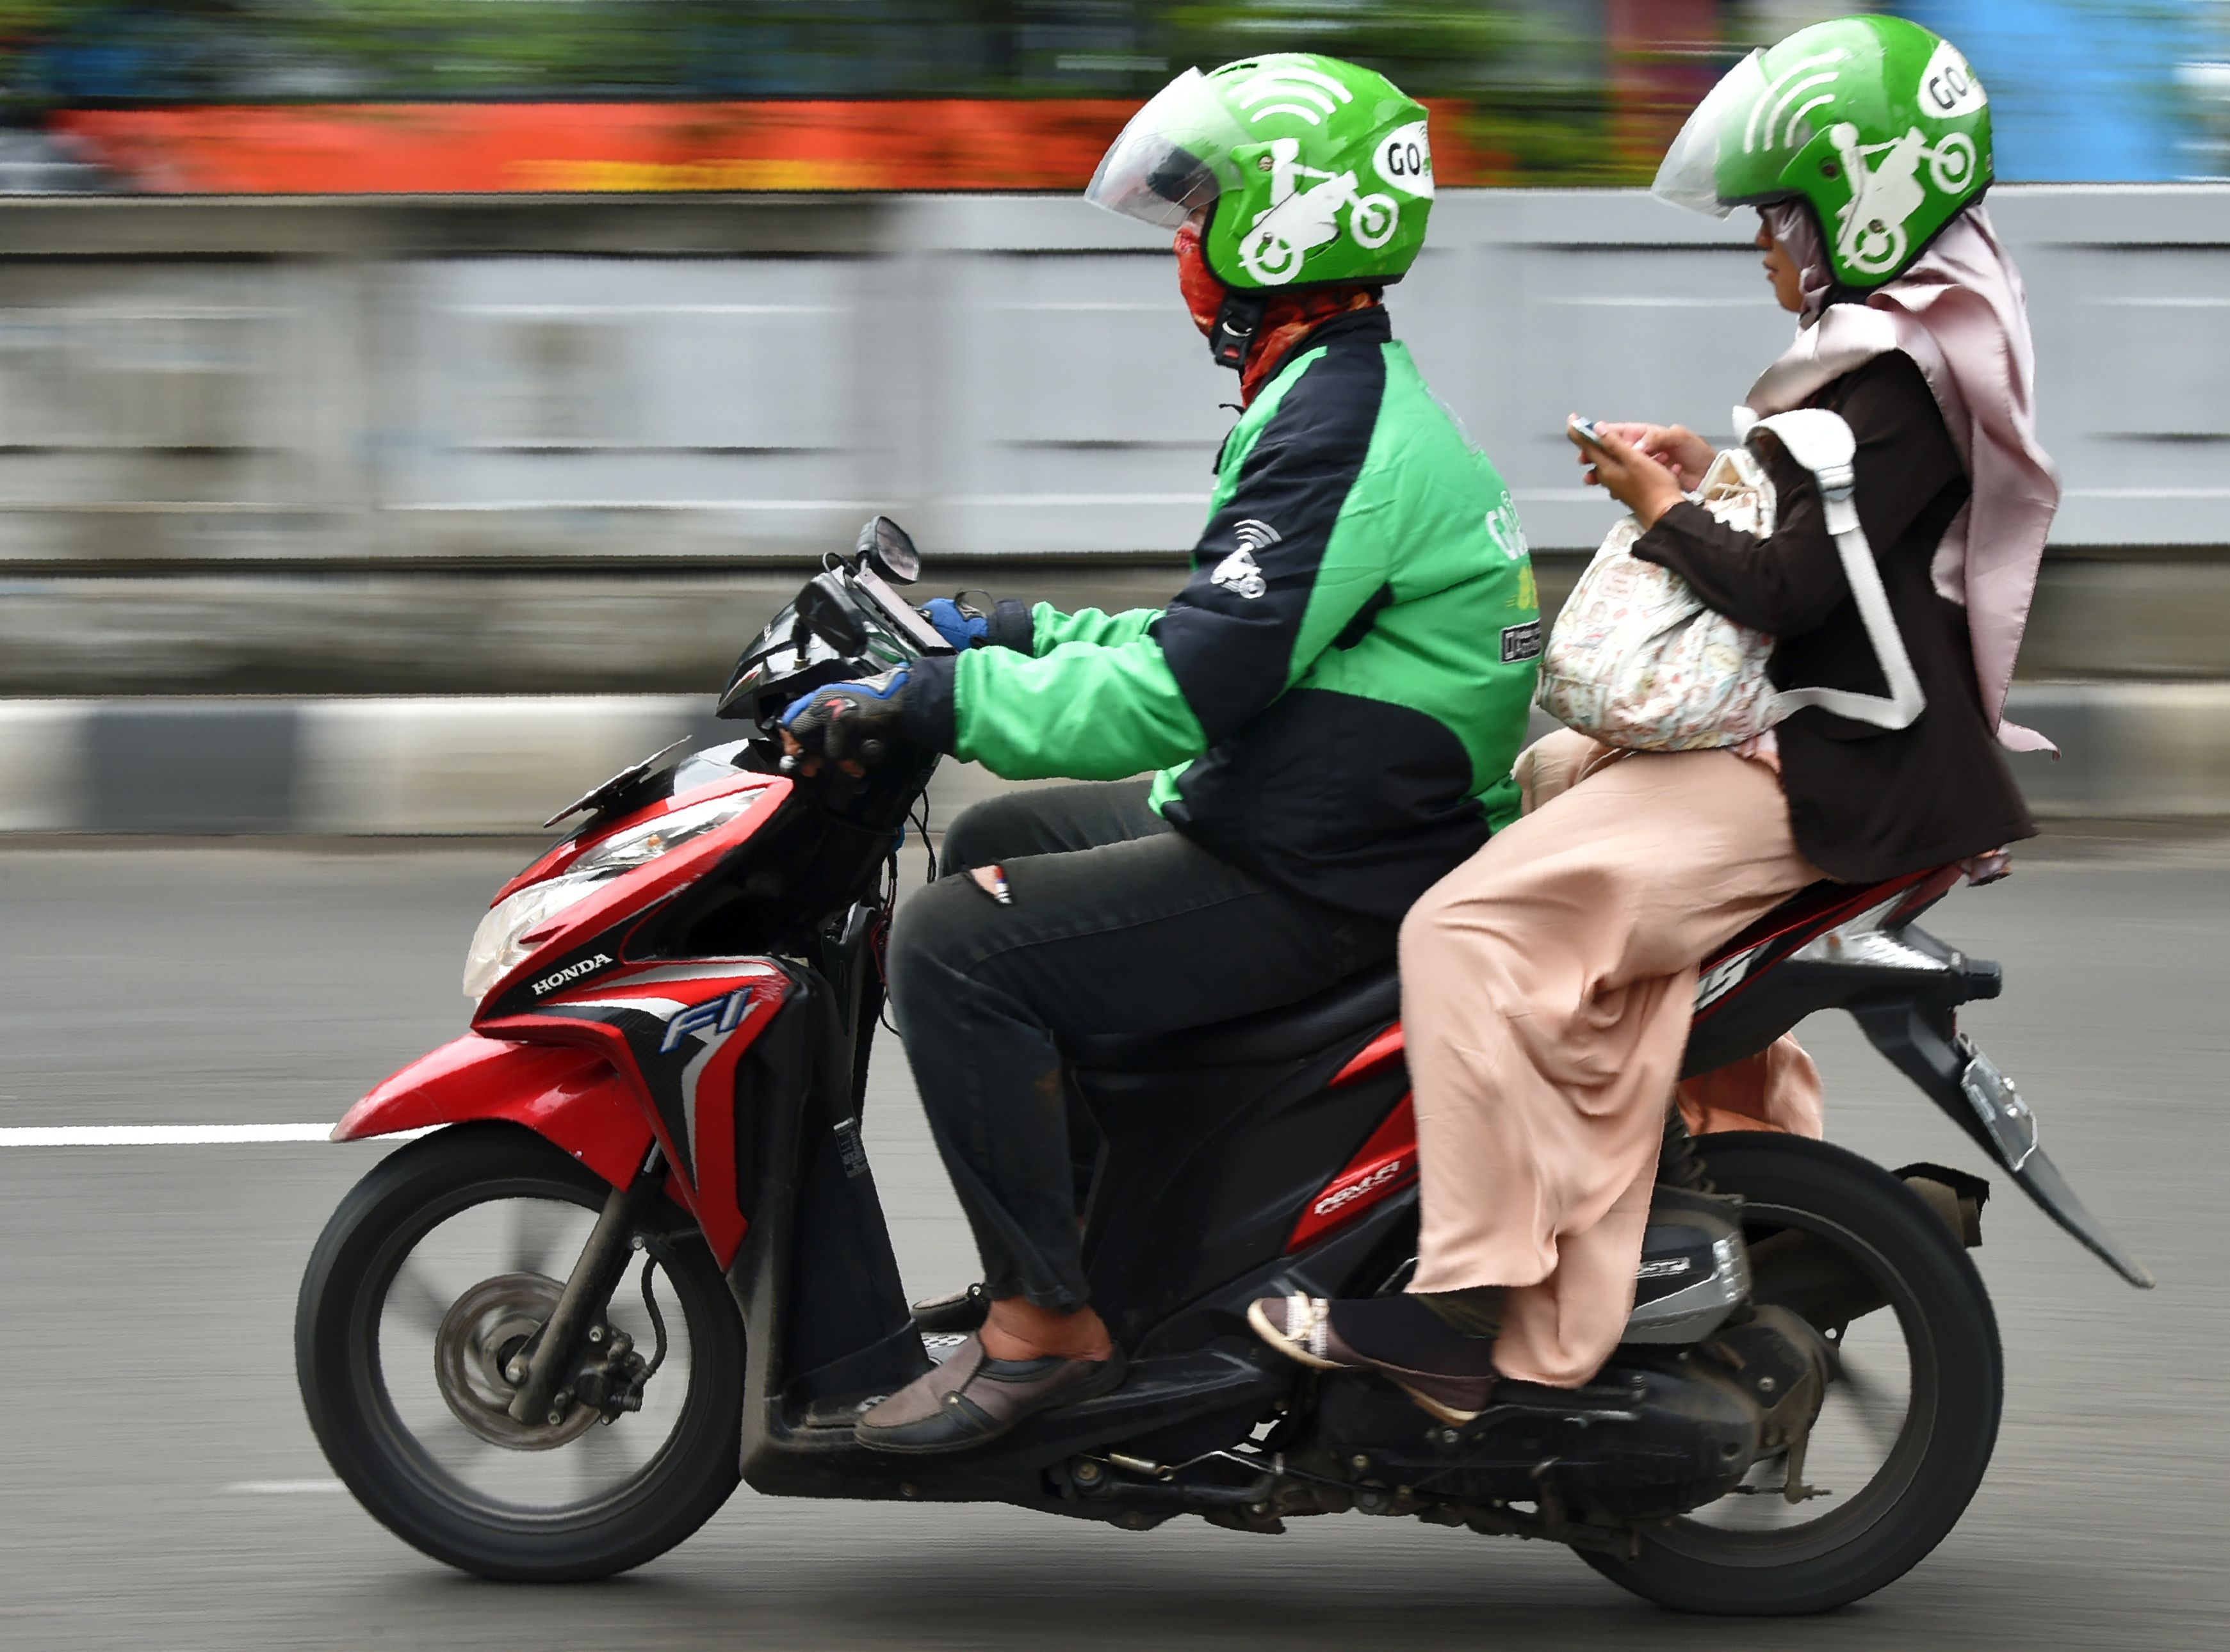 Google is investing in Indonesia-based Uber rival Go-Jek